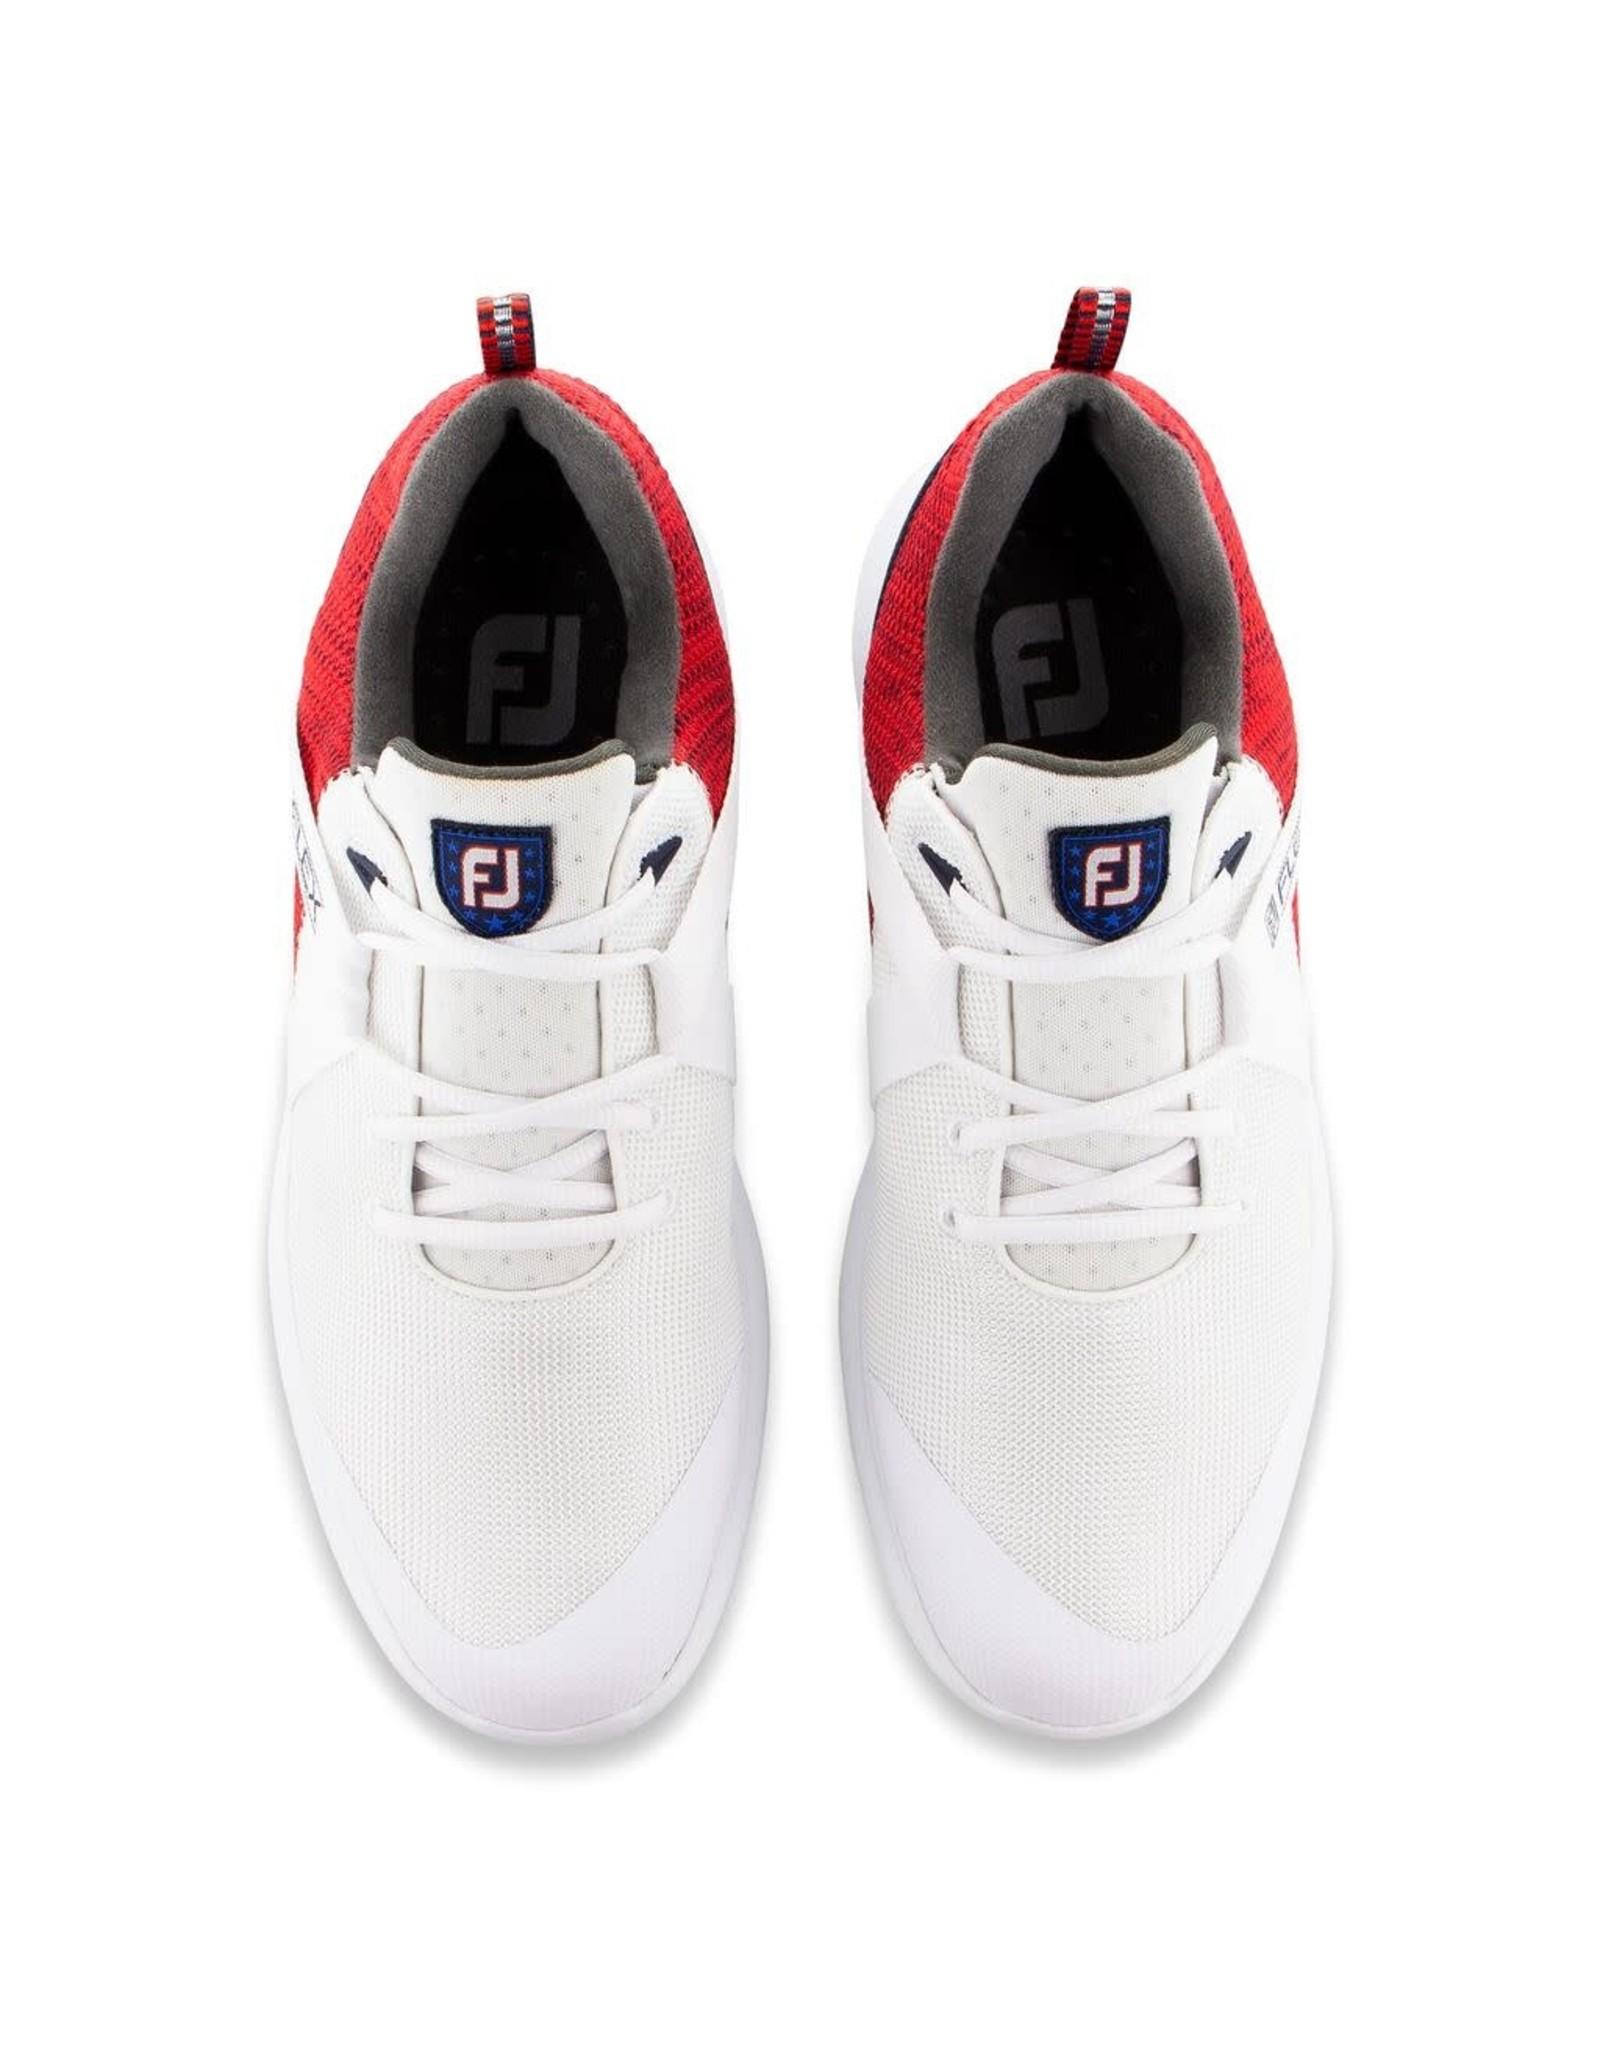 FJ FJ Flex Red, White, and Blue